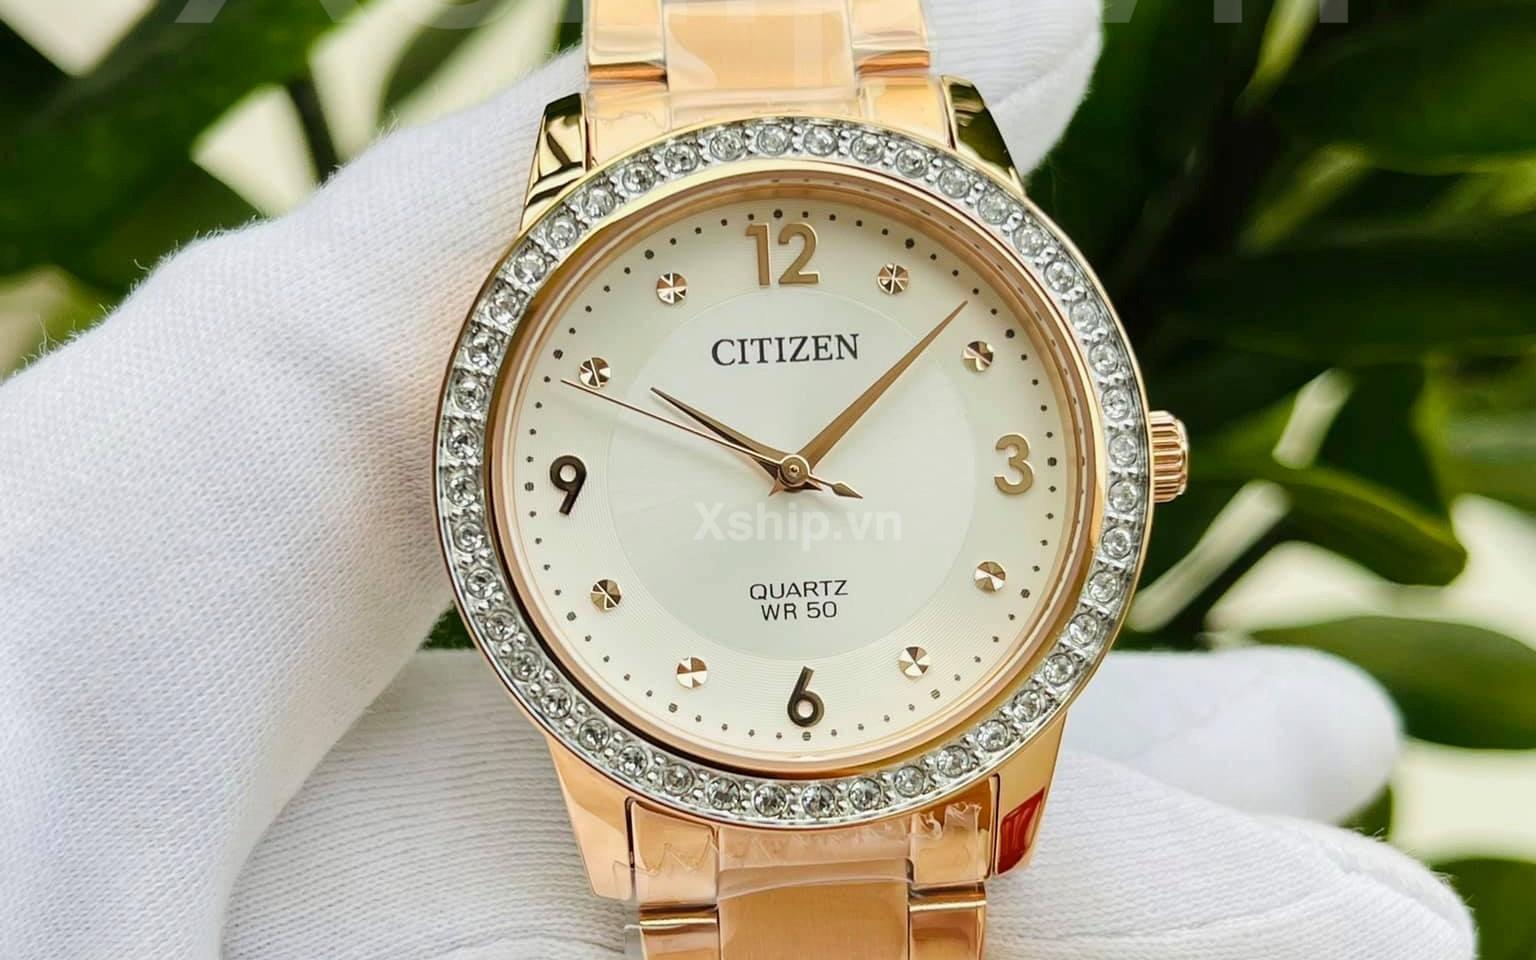 Đồng hồ Citizen nữ đang có sẵn tại Xship.vn